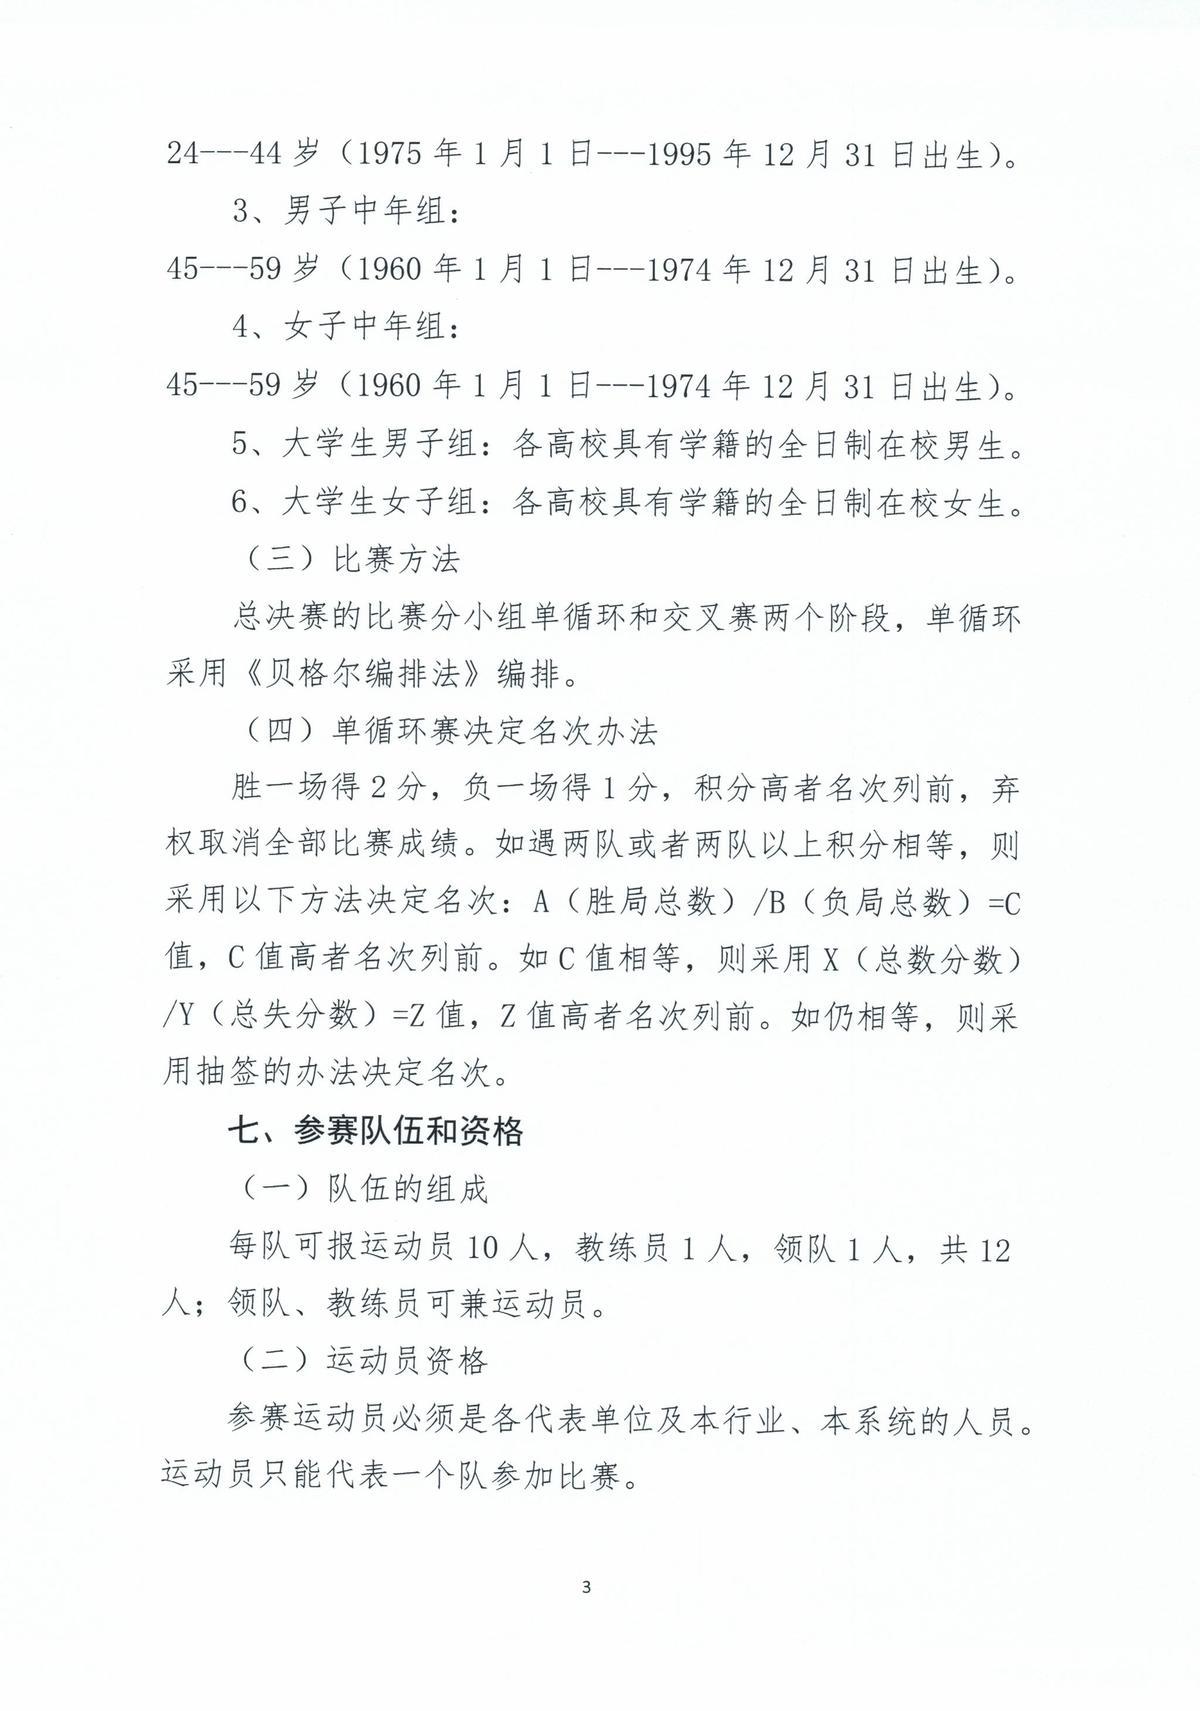 湖南总决赛规程_000341